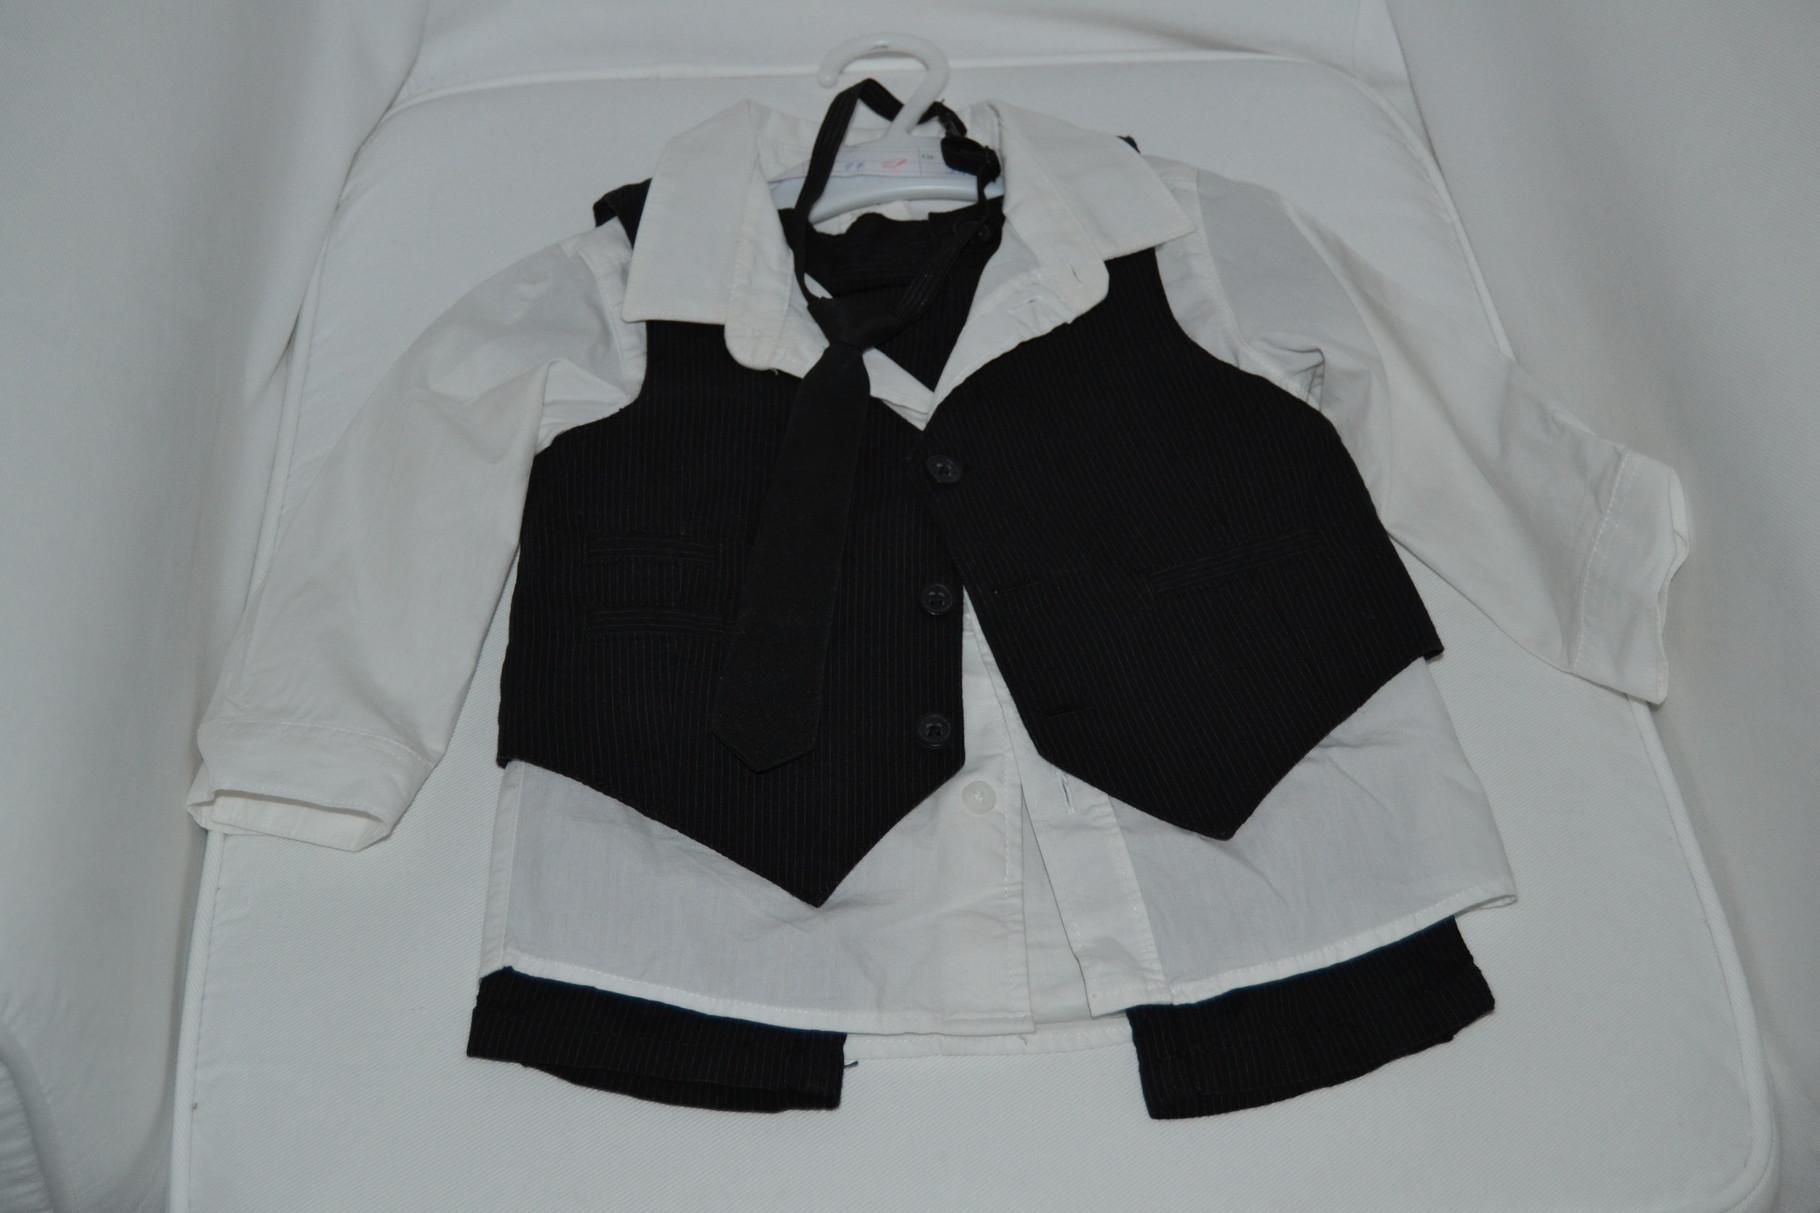 4-teiliges Anzug Set mit Hose, Hemd, Weste und Krawatte - H&M - 10,- €